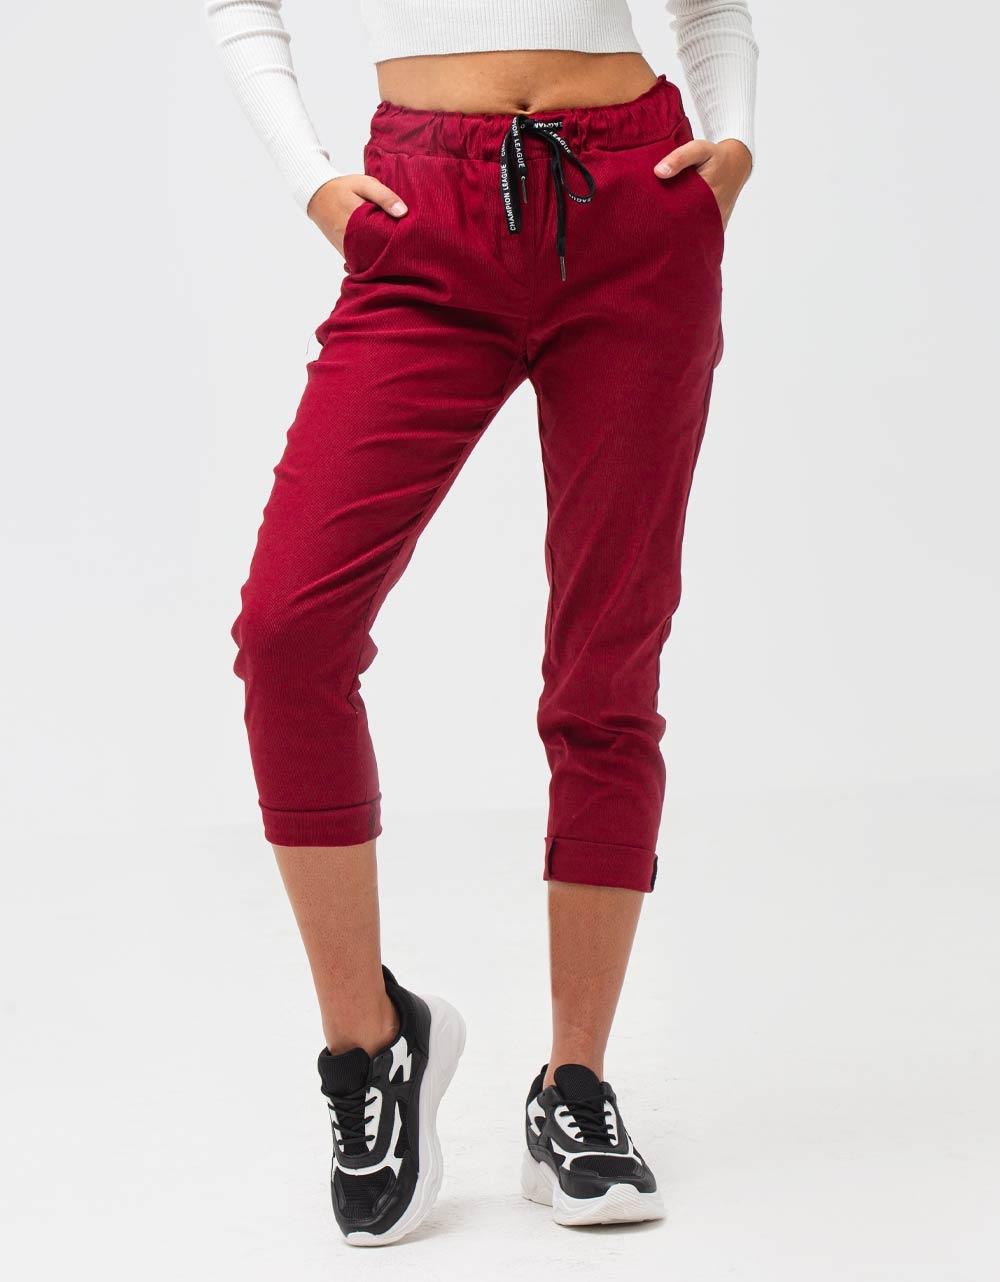 Εικόνα από Γυναικείο παντελόνι με λάστιχο και κορδόνι στη μέση Μπορντώ